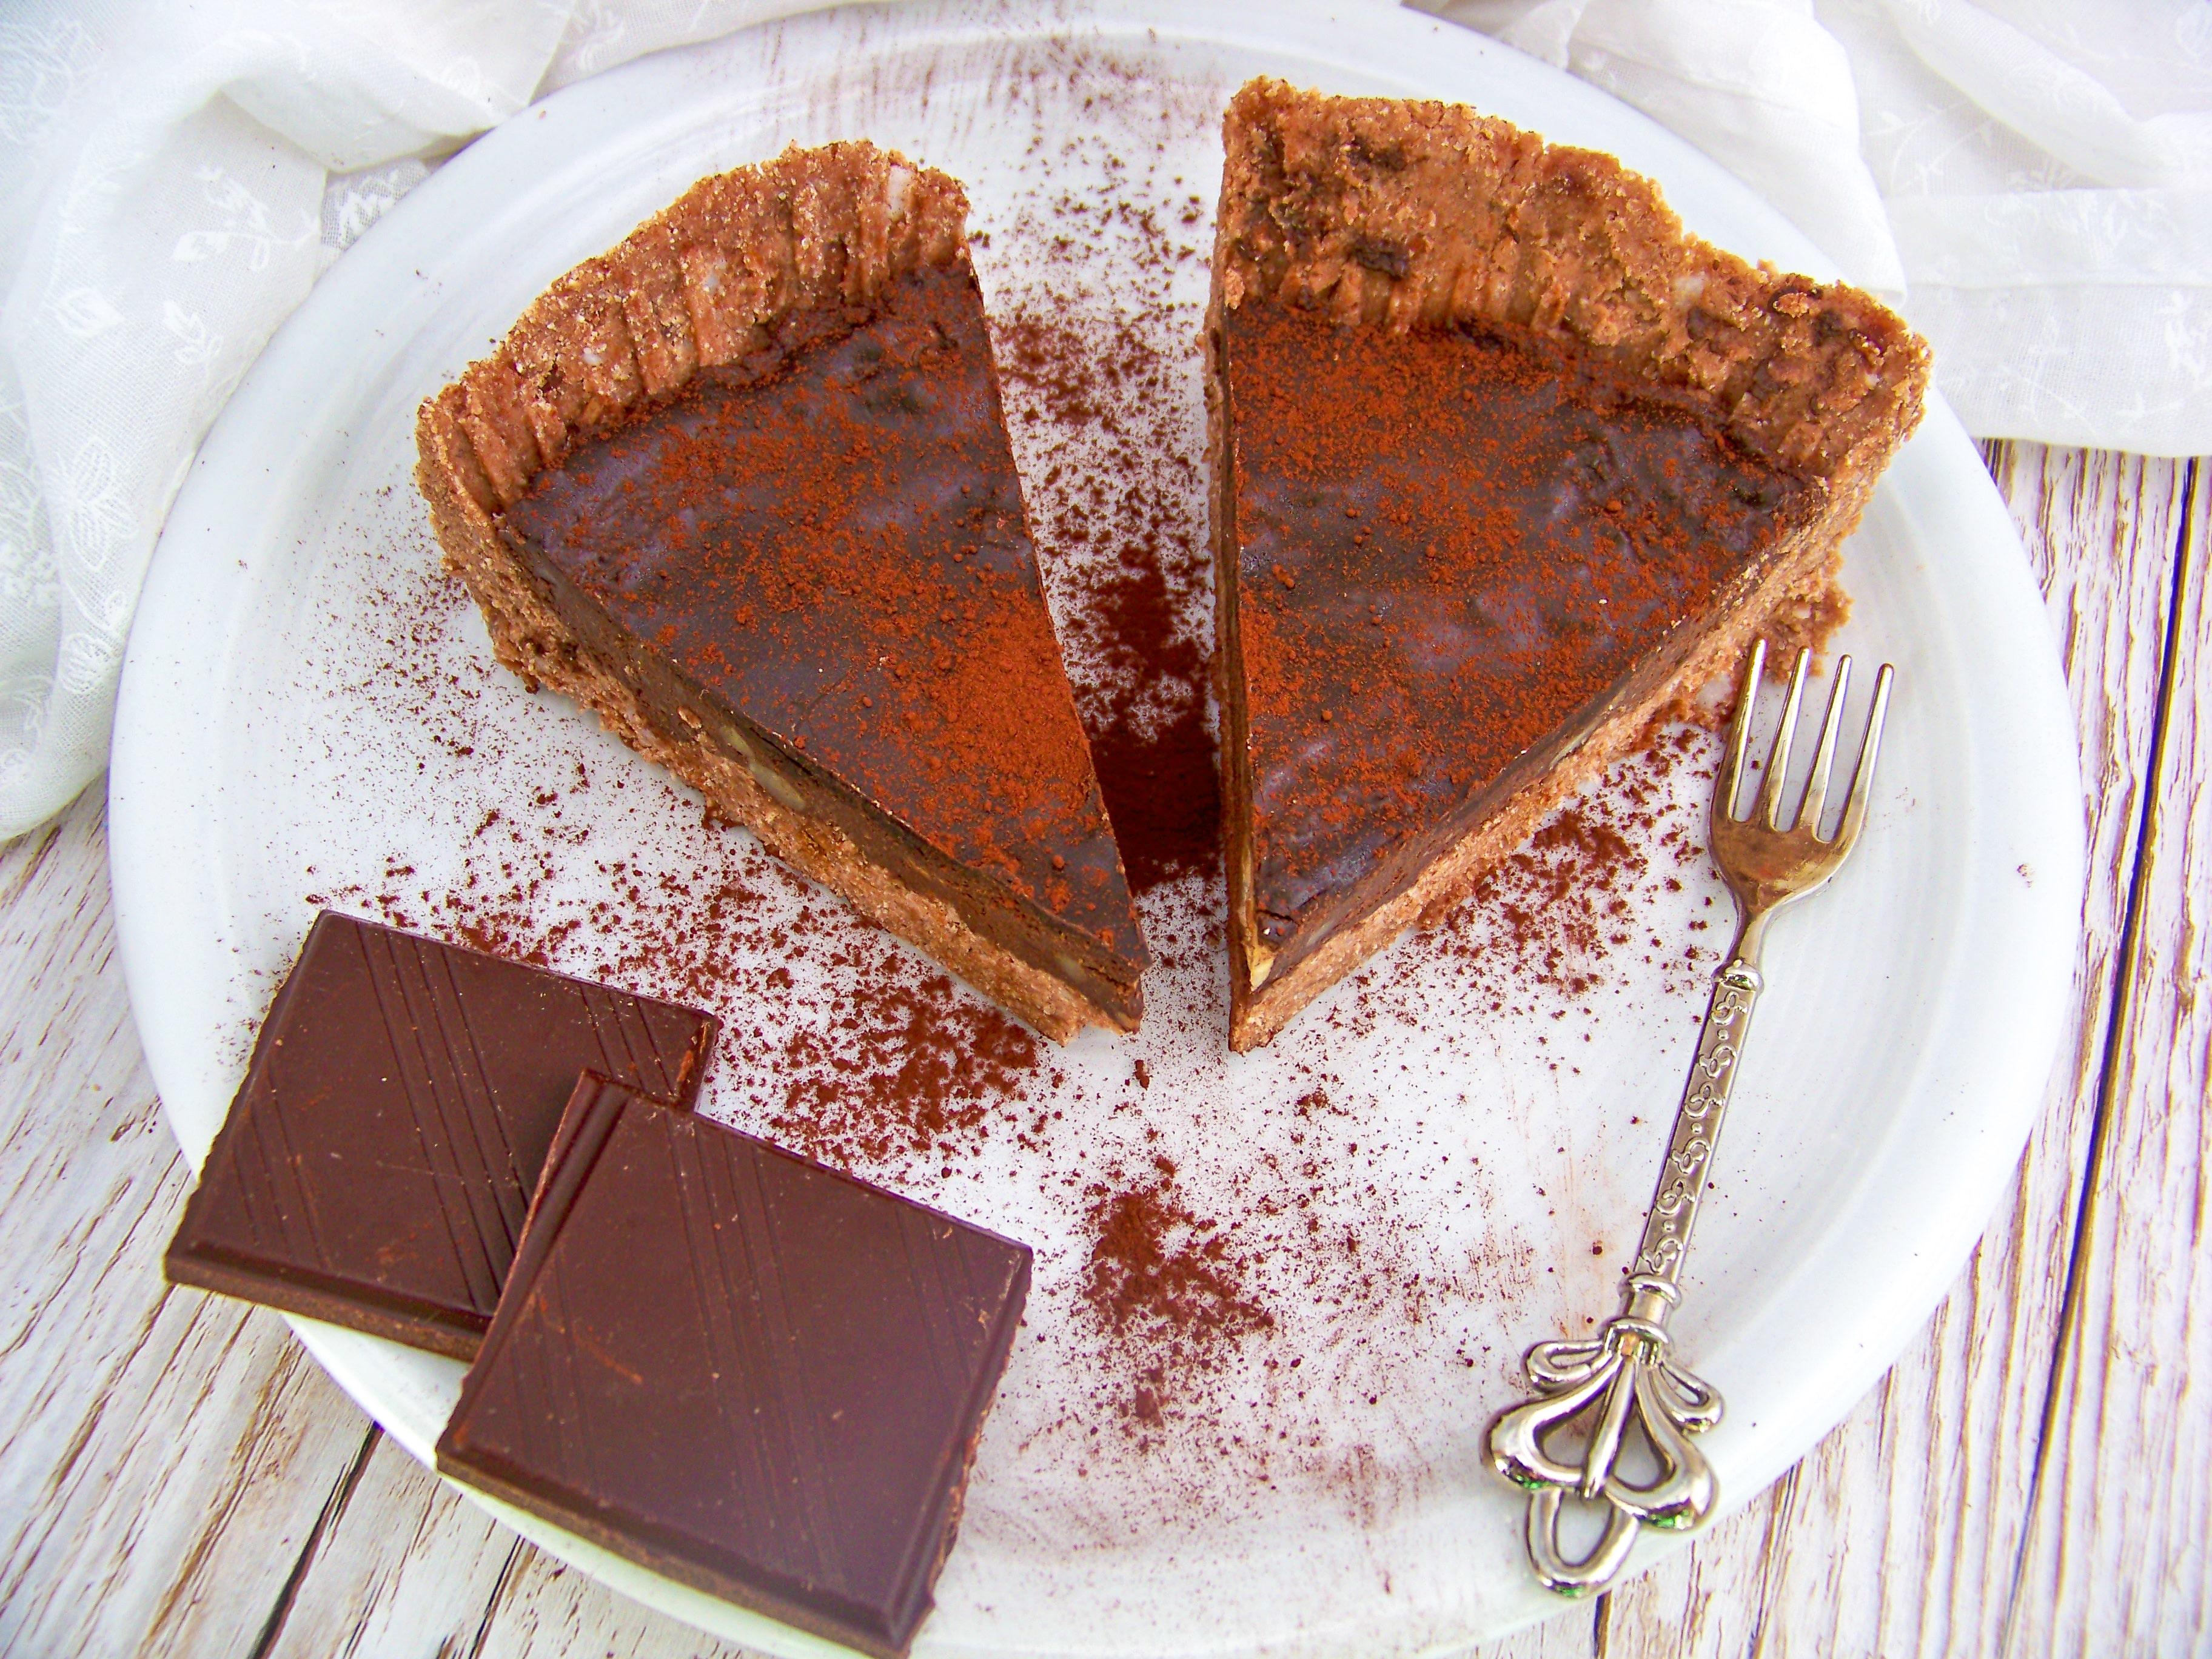 Roh vegane Schokotarte mit Kuchengabel und Schokolade